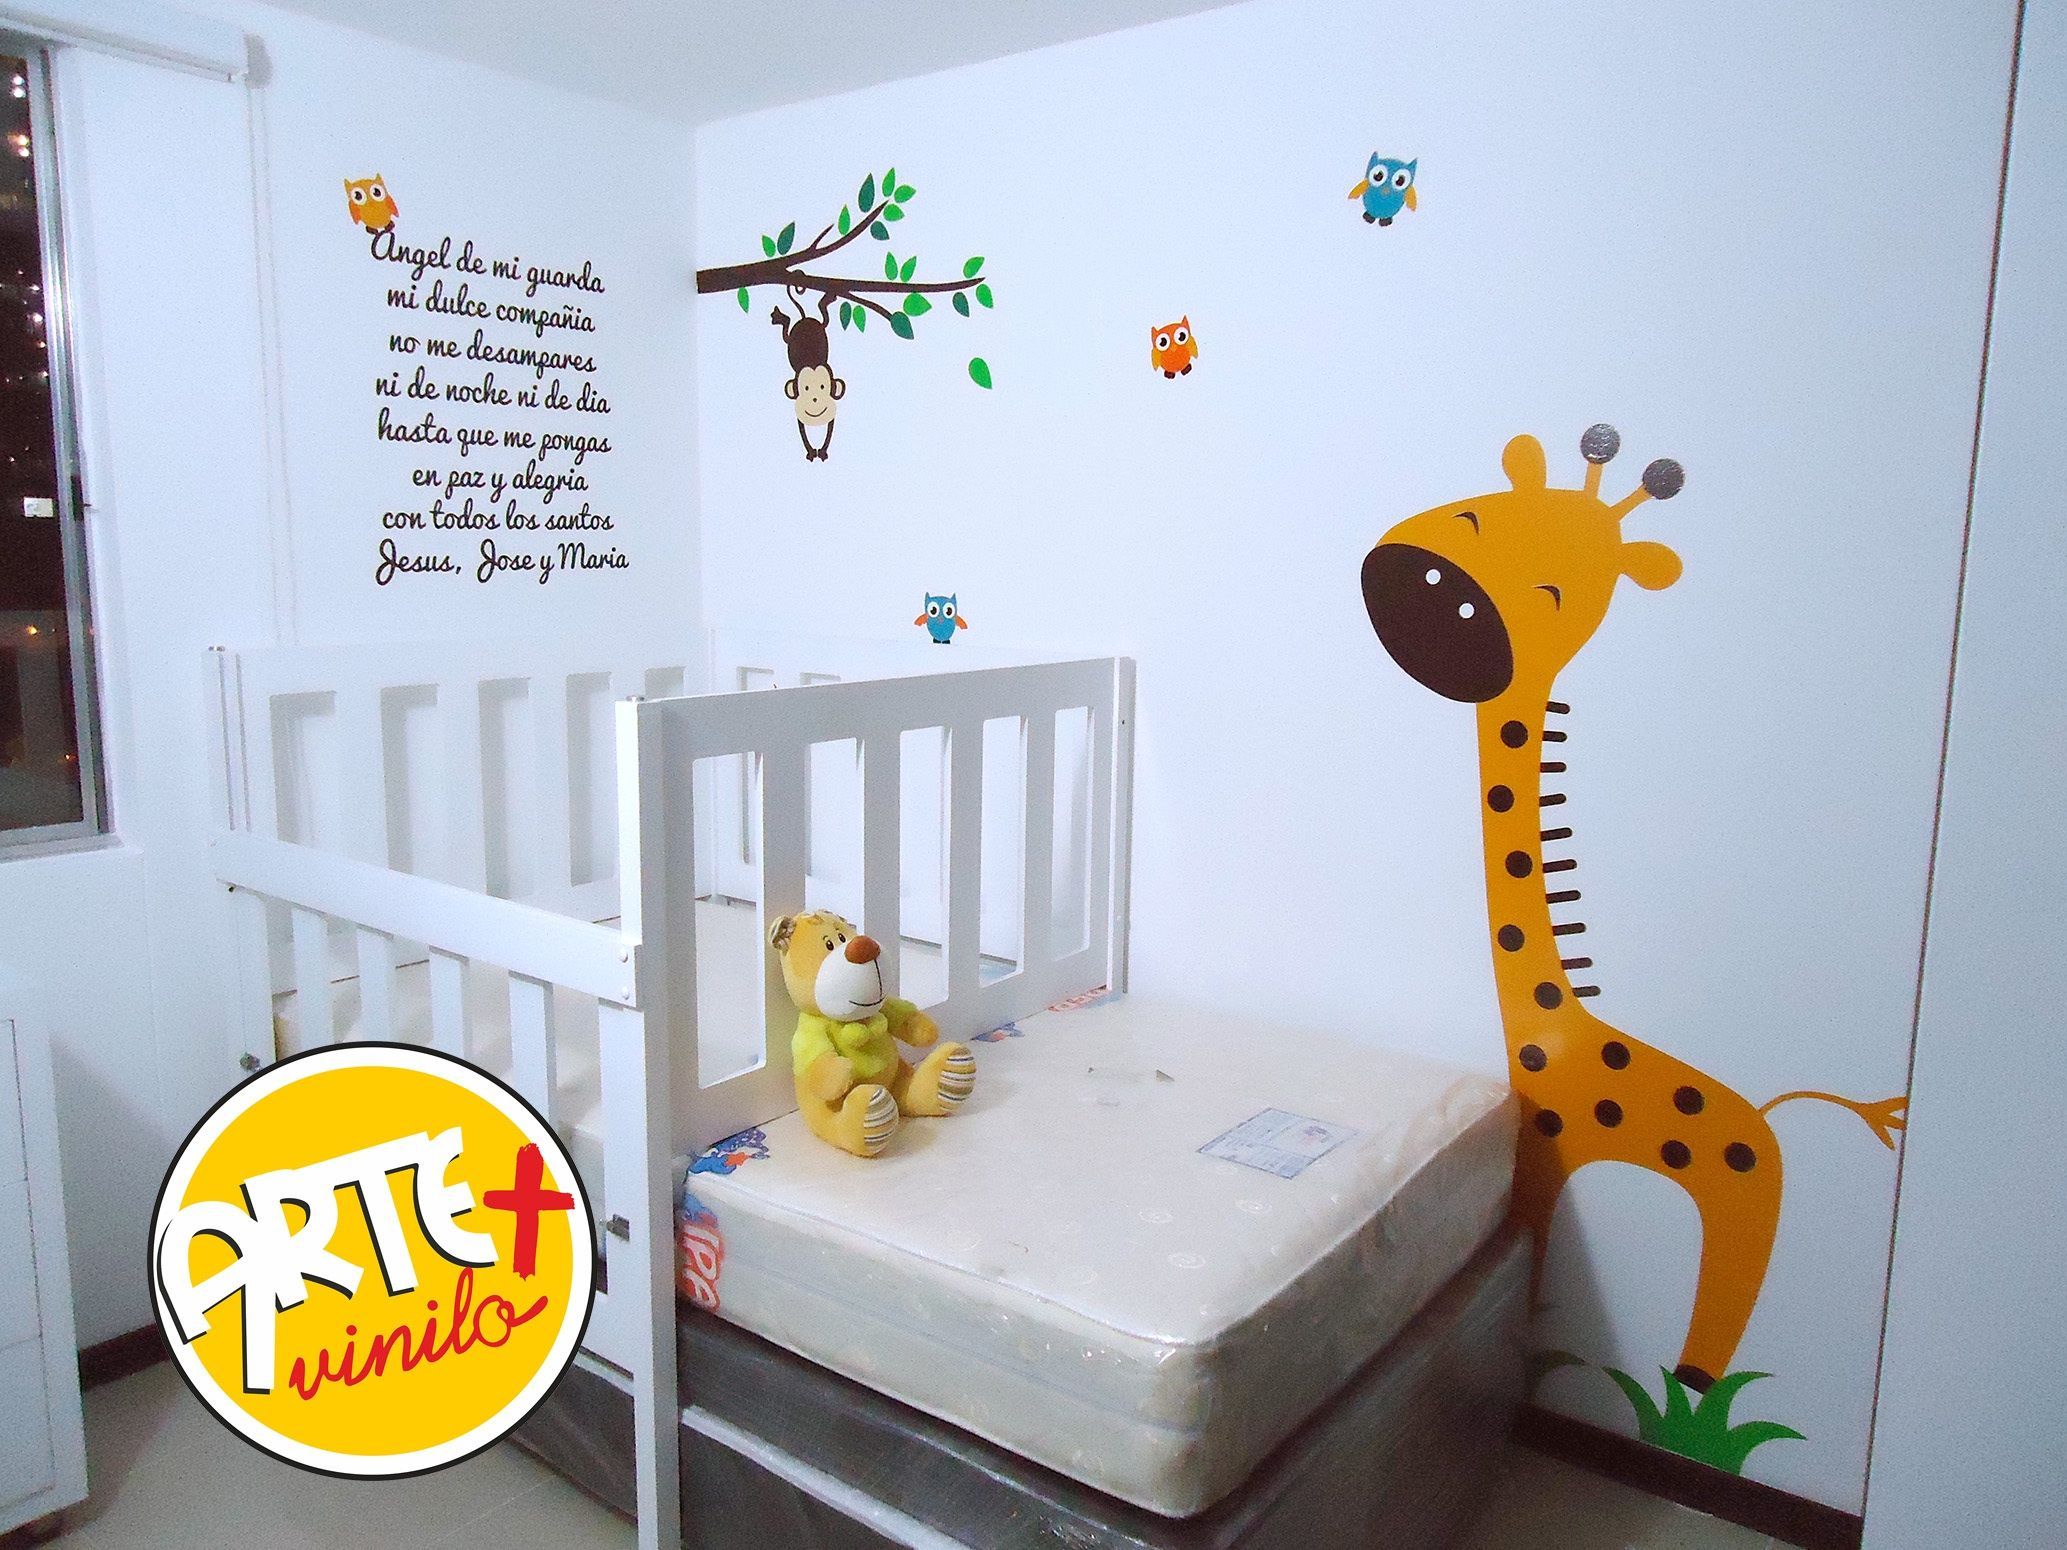 Decoraci n para el cuarto del bebe habitaciones - Decoracion habitacion del bebe ...